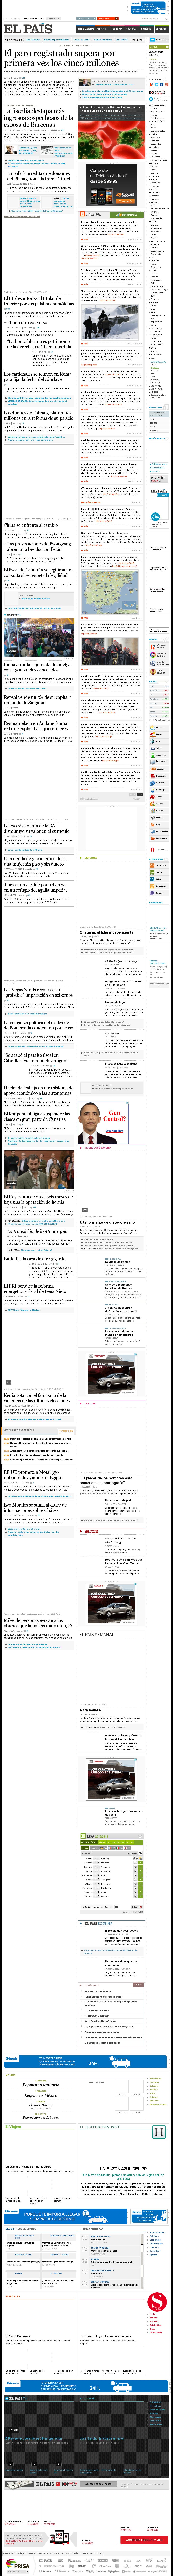 El Pais at Monday March 4, 2013, 10:14 a.m. UTC